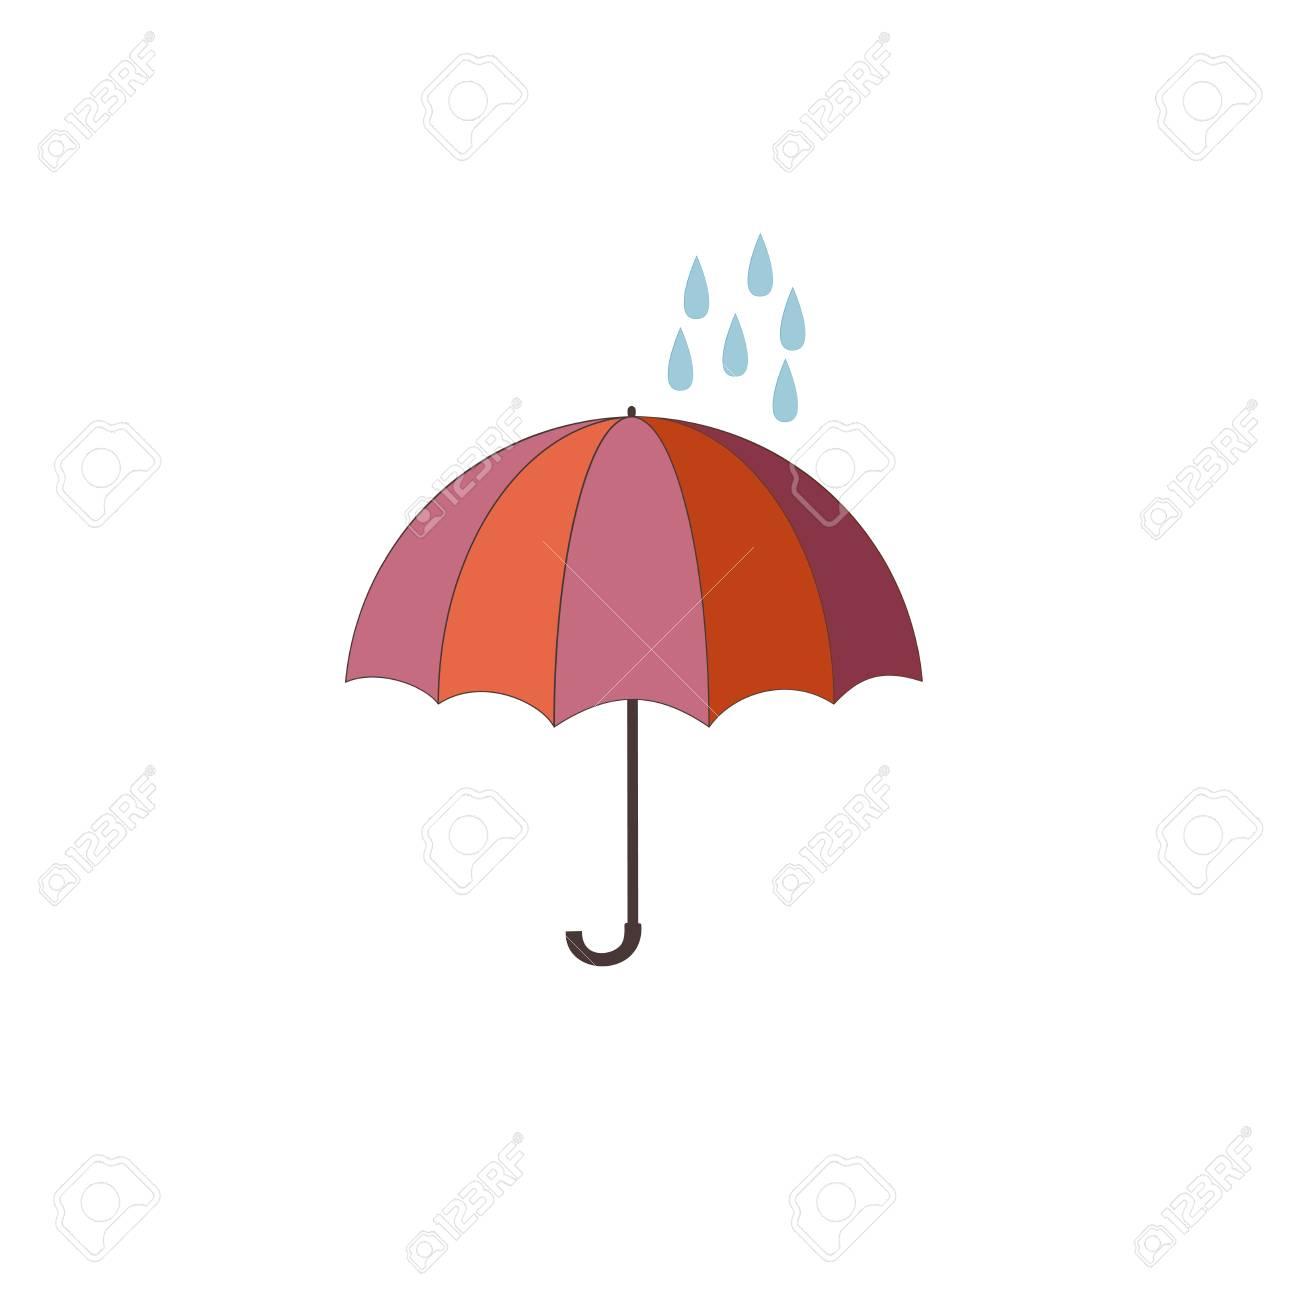 Charmant Regenschirm Vorlagen Ideen - Beispiel Wiederaufnahme ...